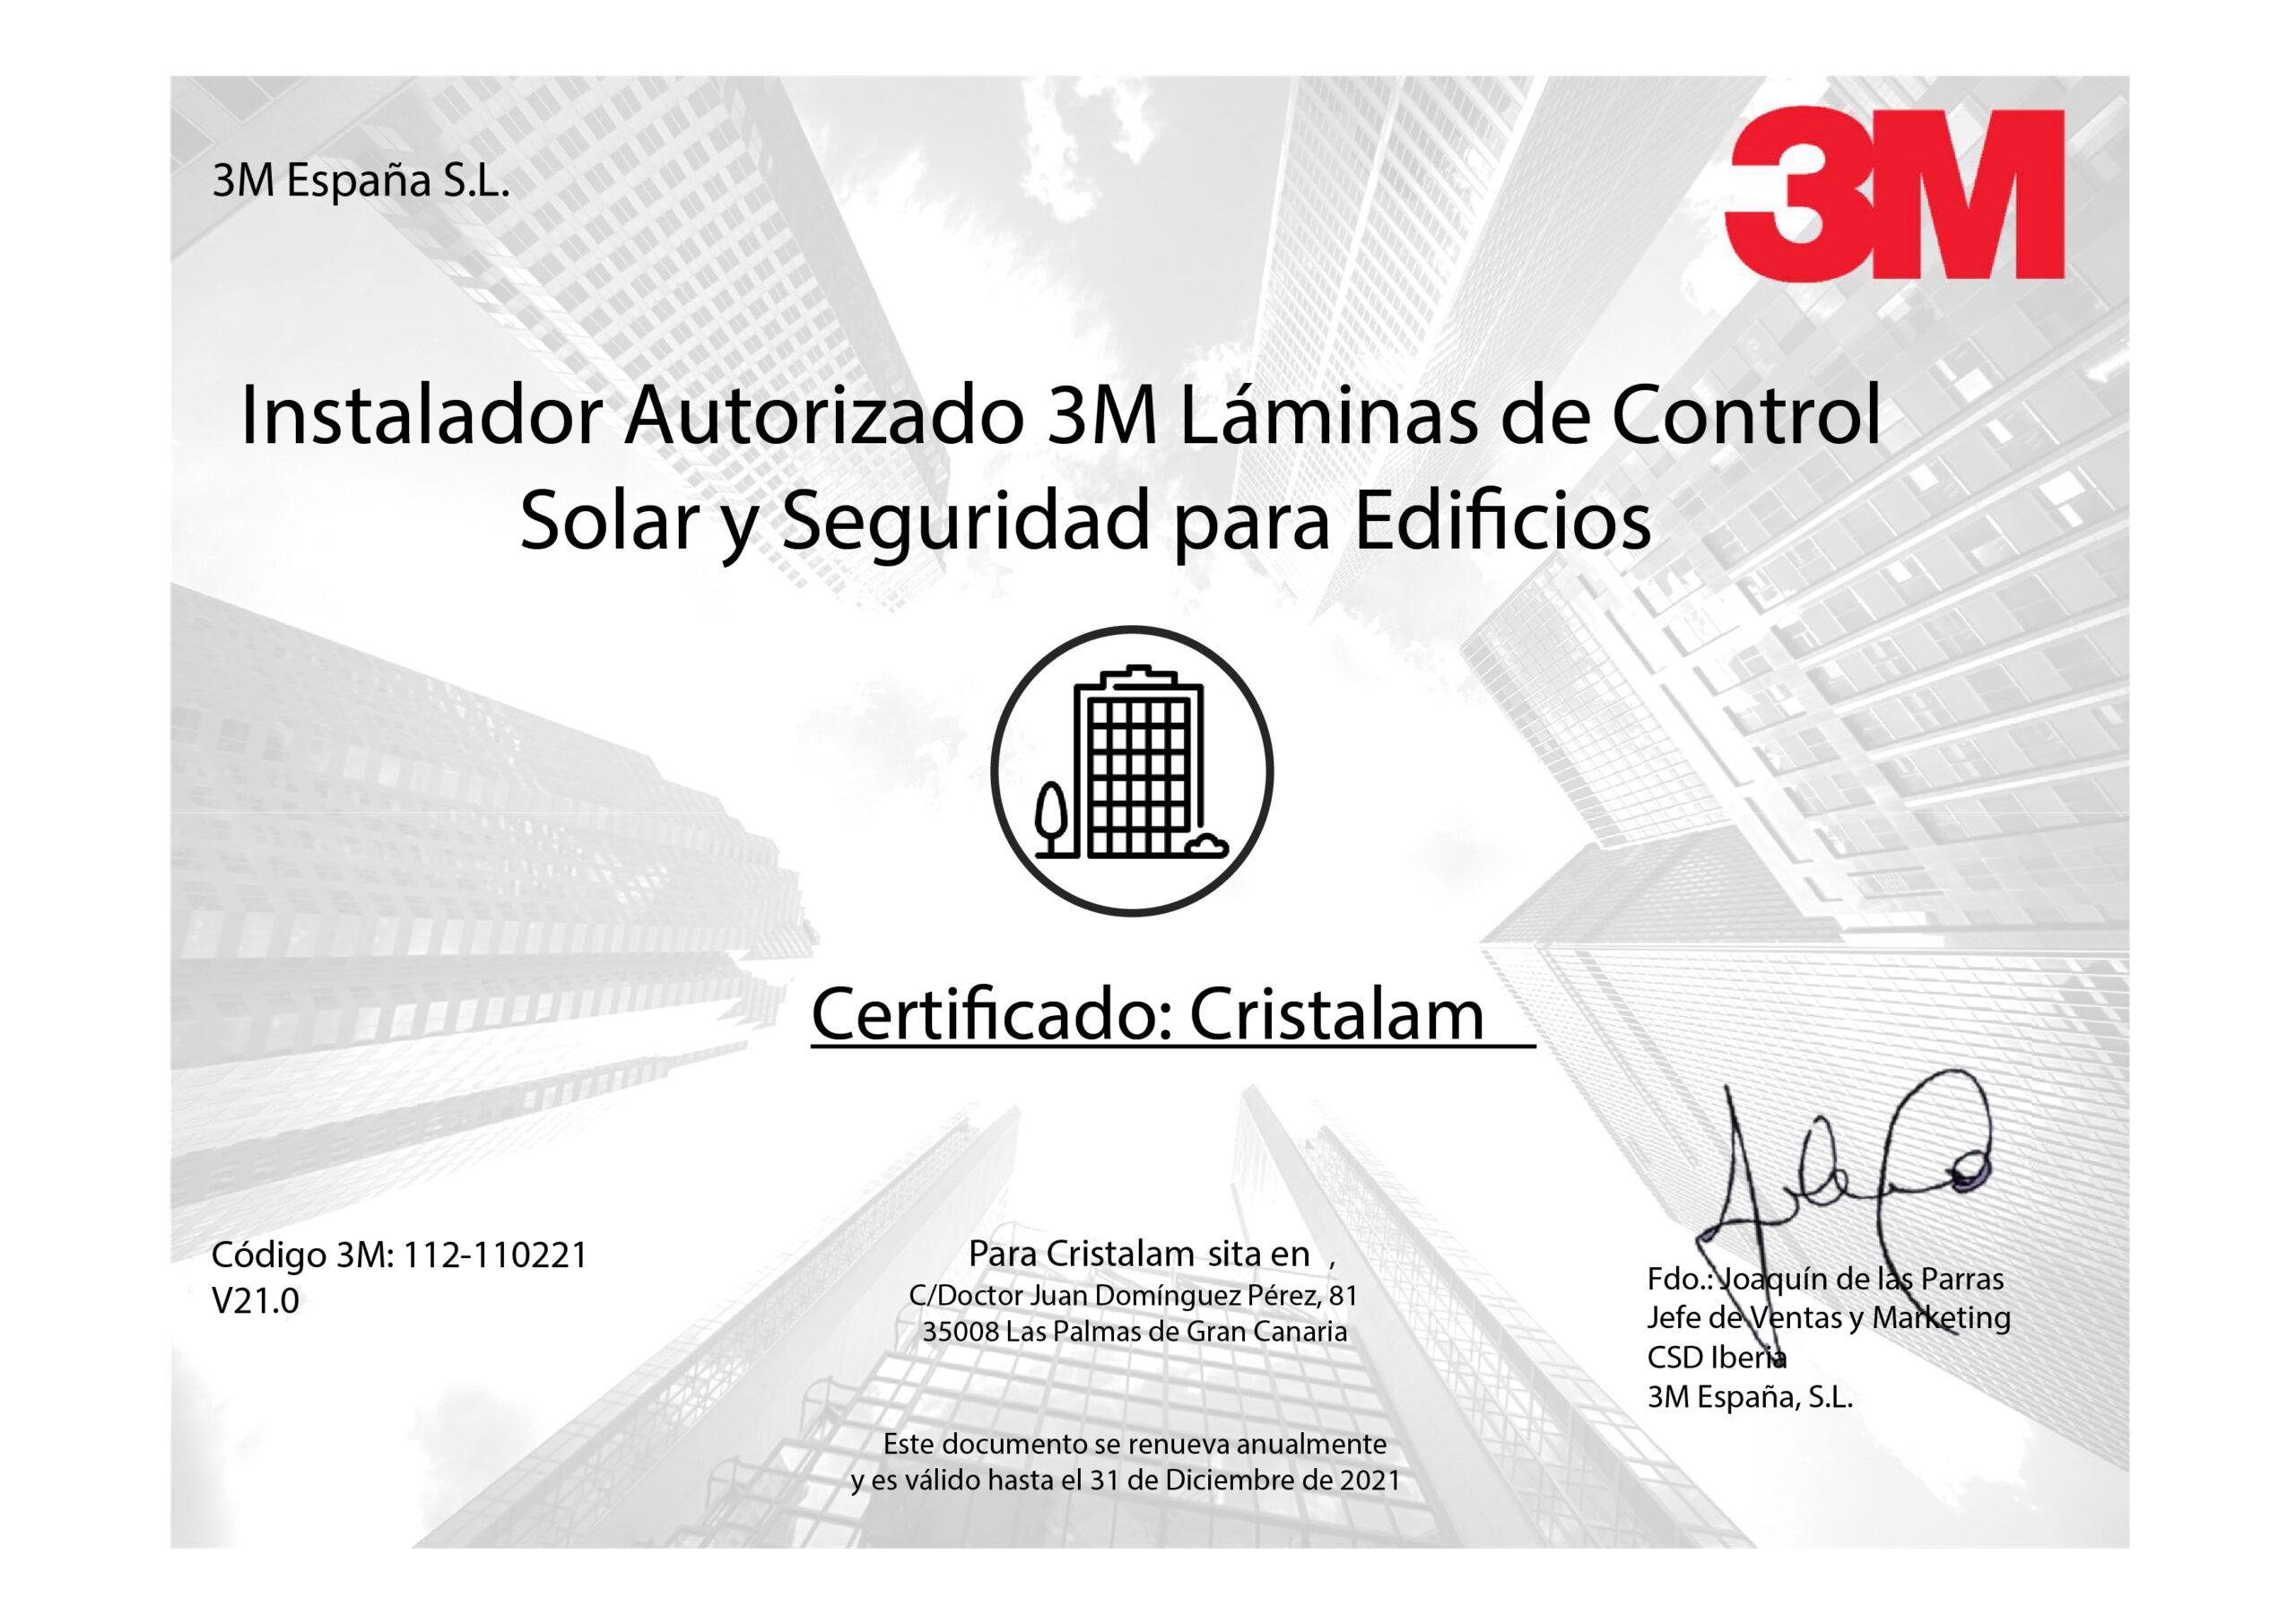 certificado instaladores oficiales y exclusivos de láminas solares 3M en Canarias